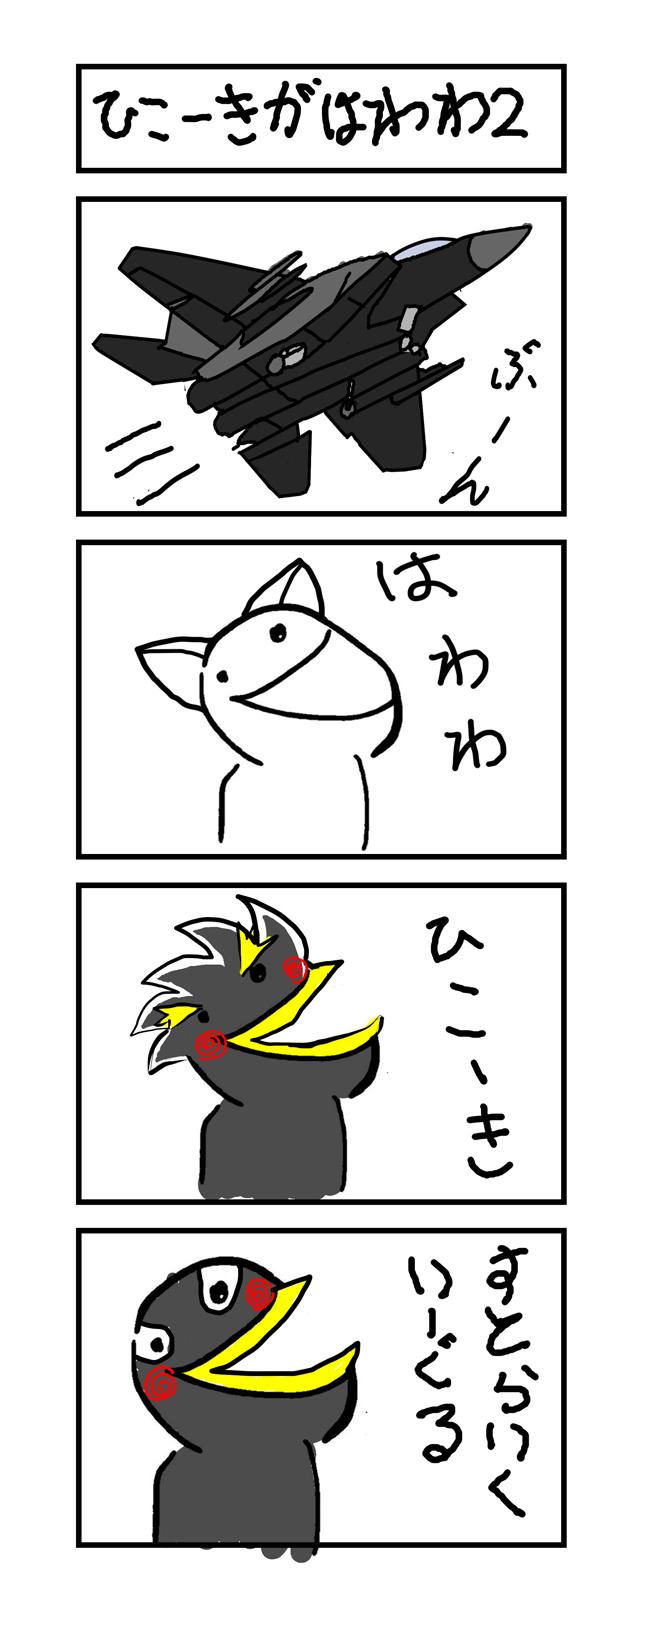 ひこーきがはわわ2(650)